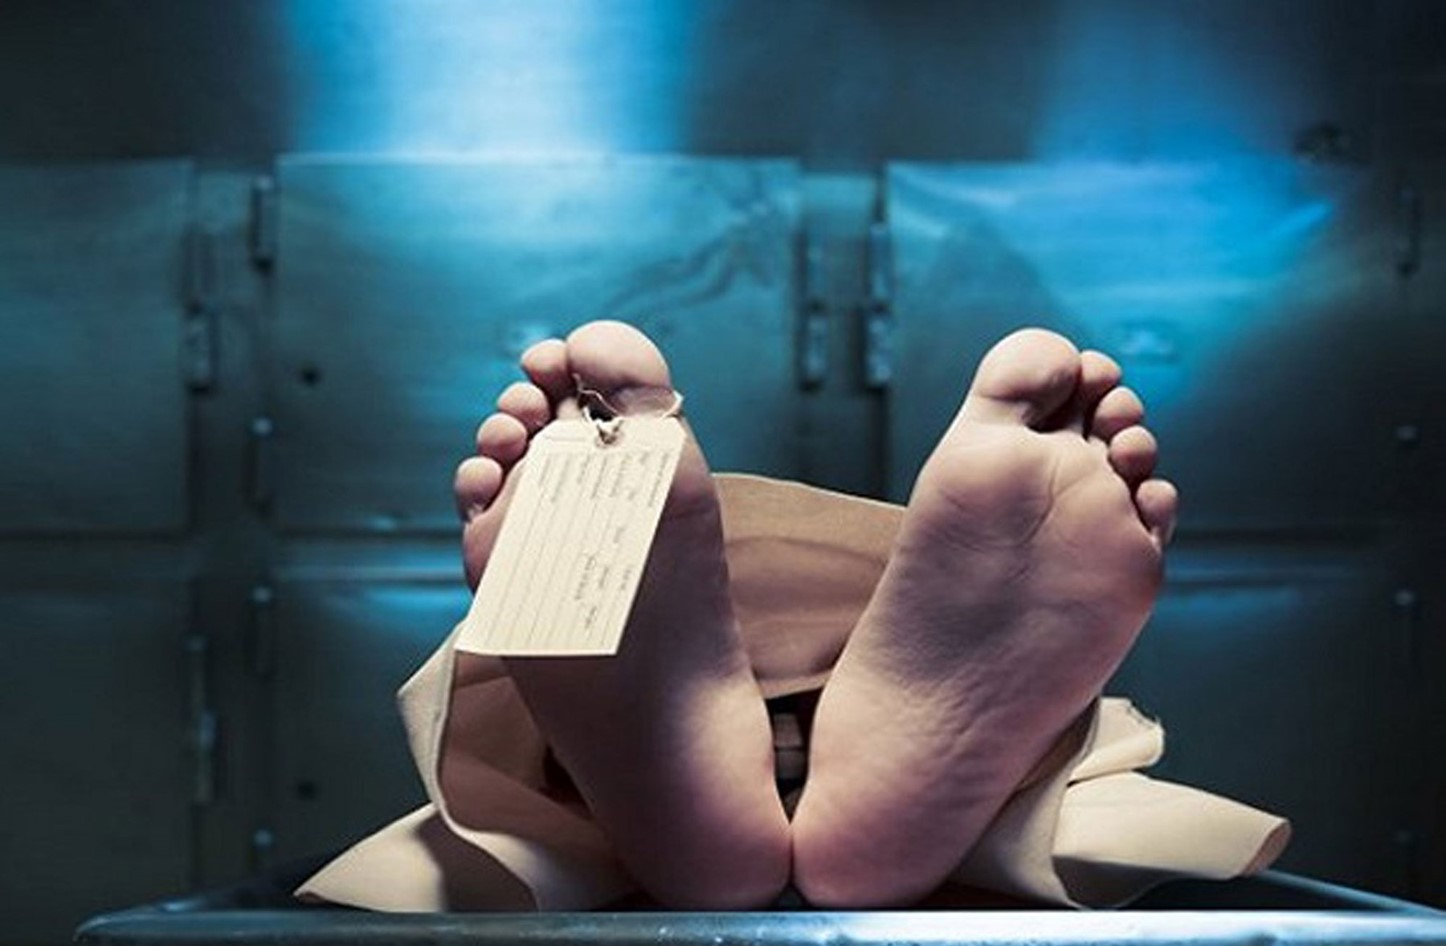 صورة تفسير رؤية زوجي ميت في المنام , من الاحلام الفزعه كثيرا